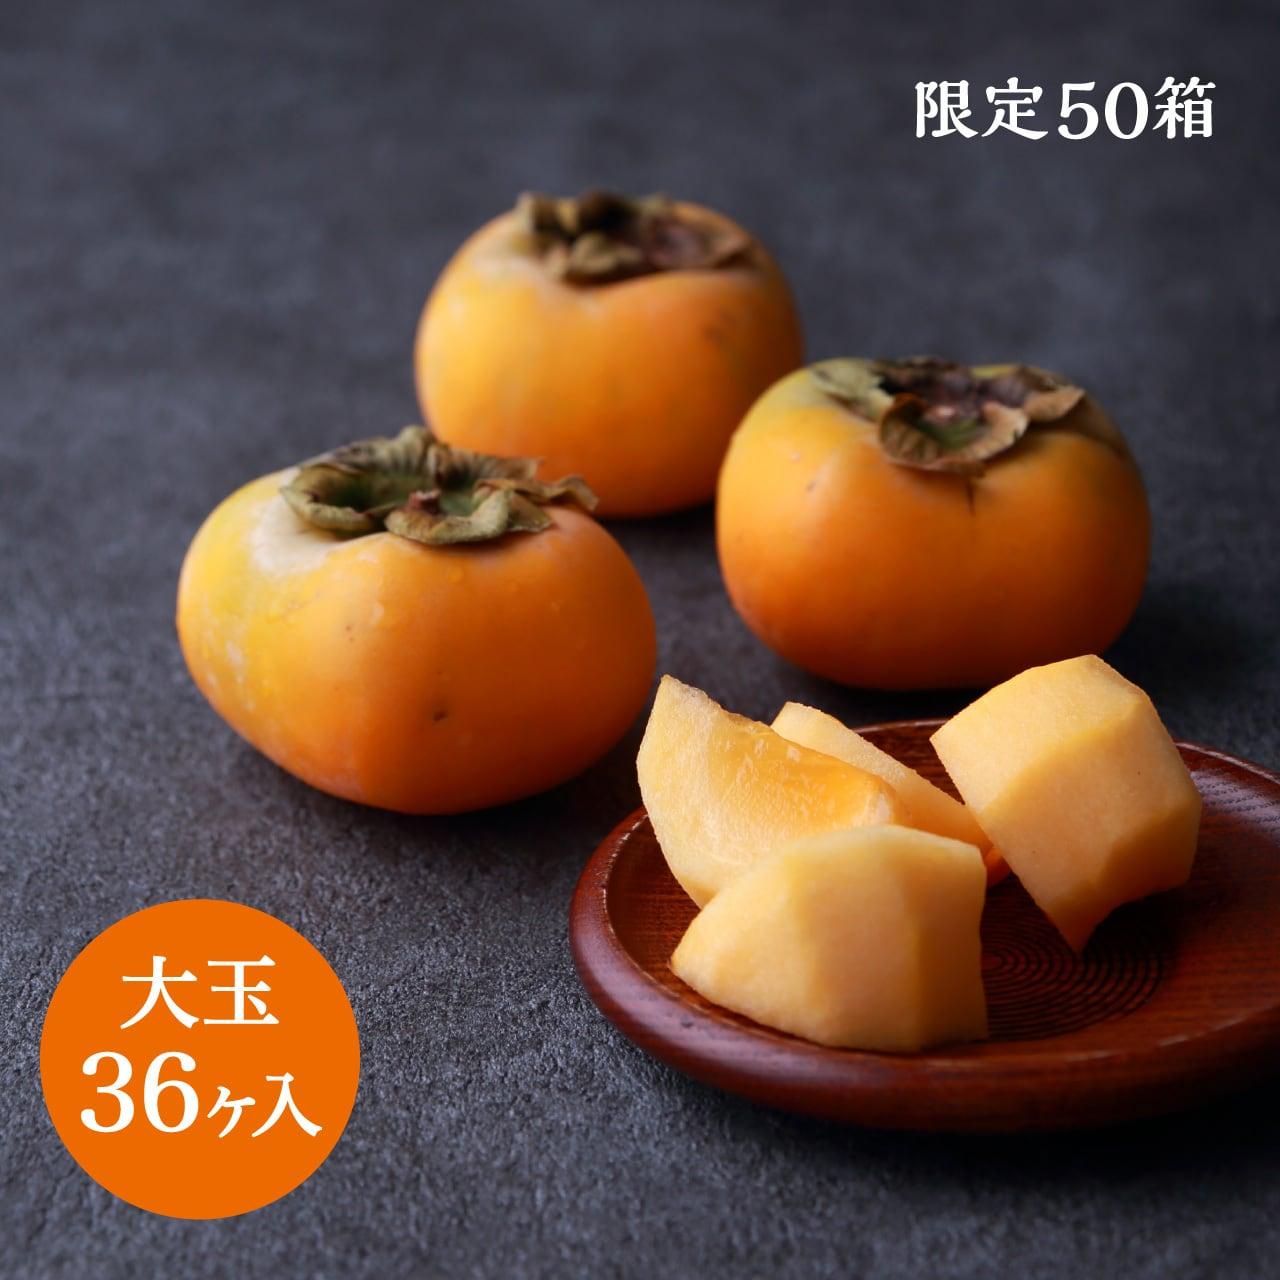 本場松ヶ岡産 庄内柿(大玉 36ヶ入)